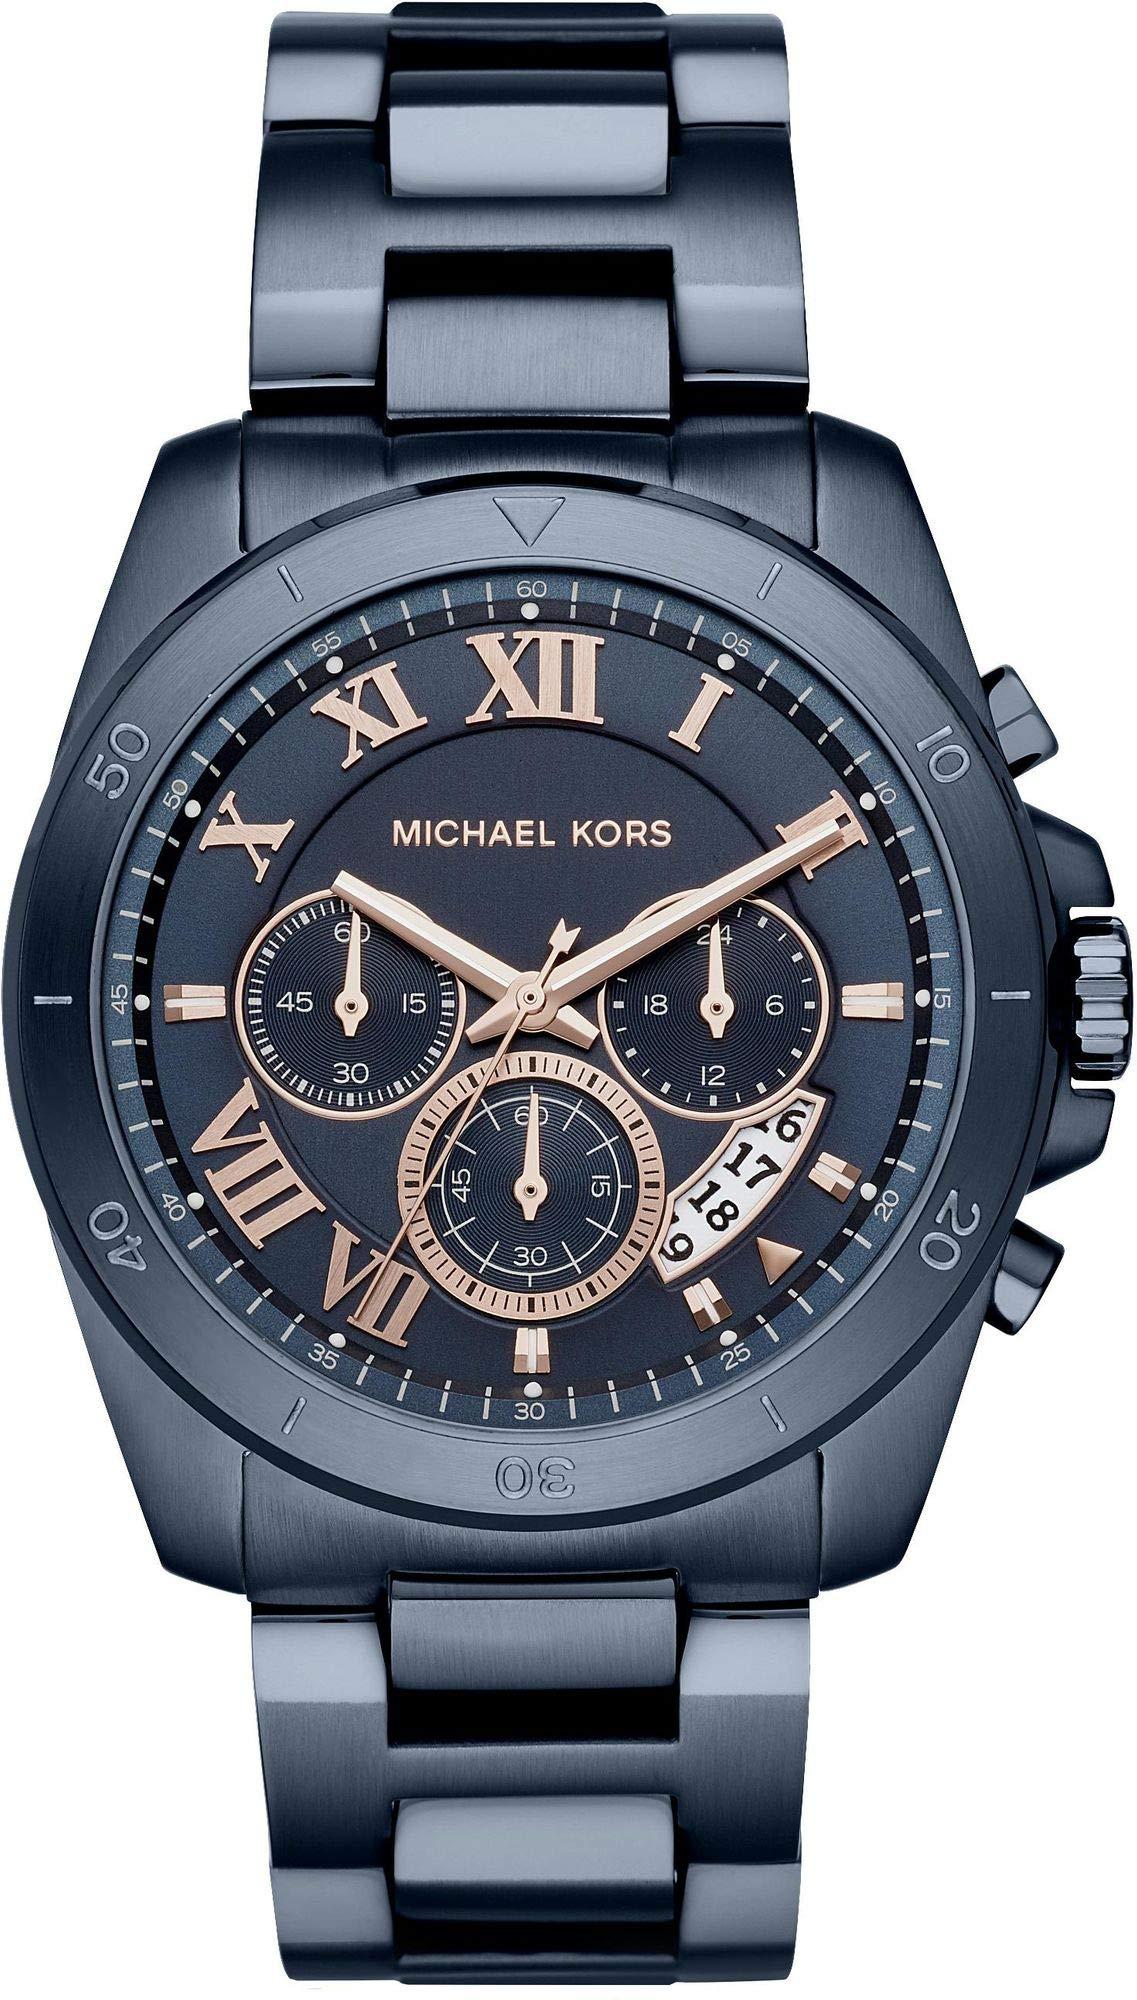 Michael Kors Reloj Analogico para Hombre de Cuarzo con Correa en Acero Inoxidable MK8610